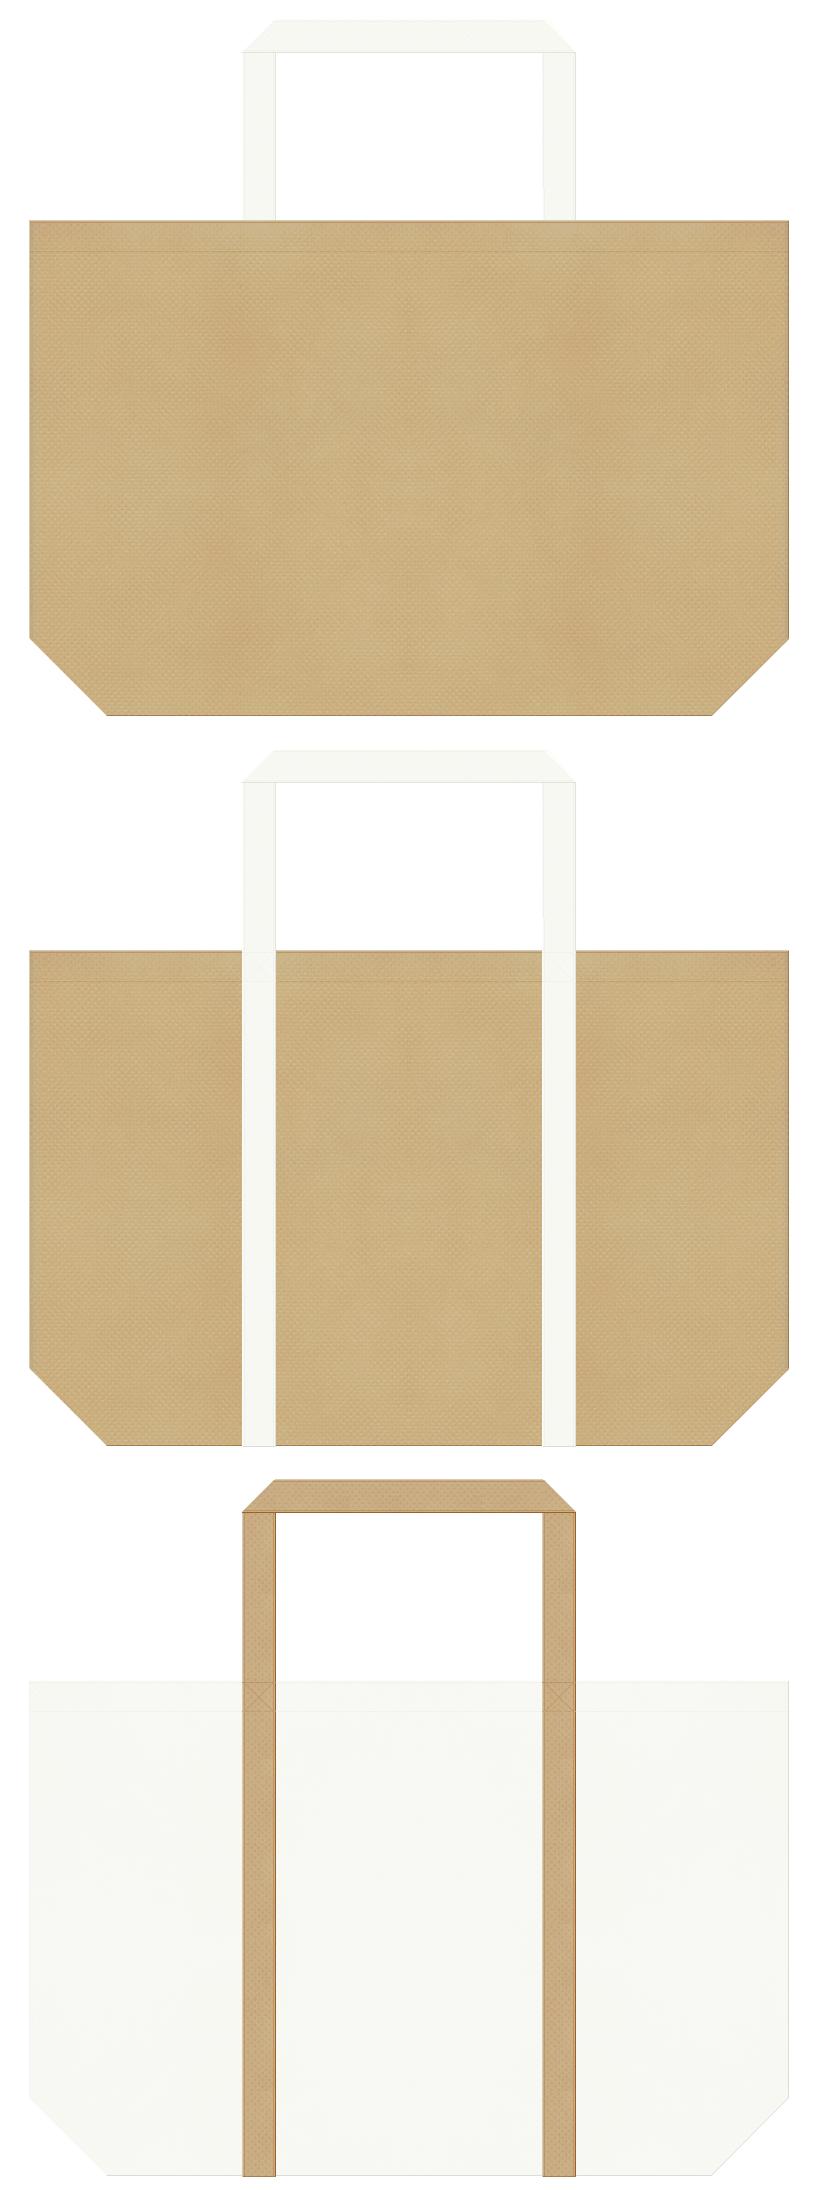 ペットショップ・ペットサロン・木工・インテリア・DIYイベント・住宅展示場・ニット・セーター・毛糸・手芸・うどん・そば・めんつゆ・かつおぶし・食の見本市・乳製品・牧場・ロールケーキ・カフェオレ・スイーツ・ベーカリーのショッピングバッグにお奨めの不織布バッグデザイン:カーキ色とオフホワイト色のコーデ